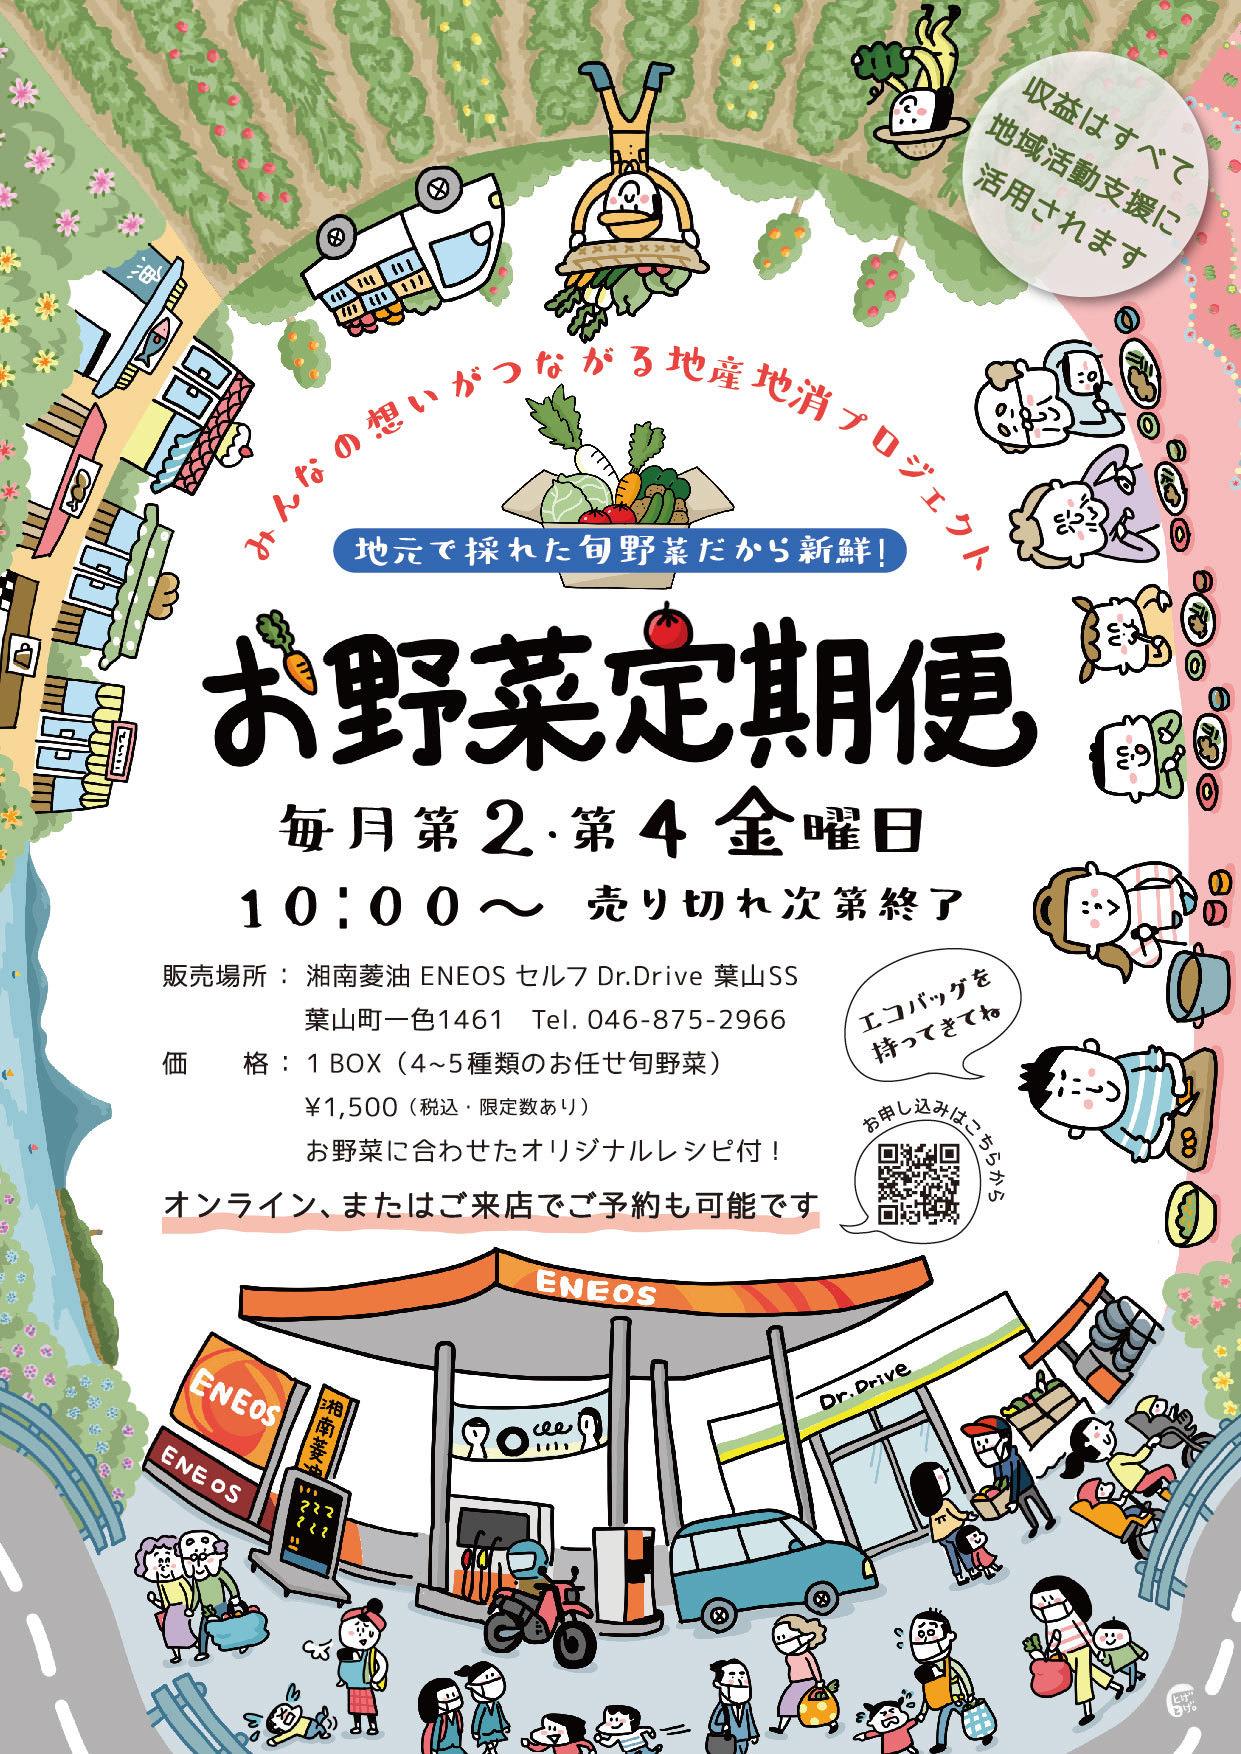 神奈川県 湘南菱油が【お野菜定期便プロジェクト】を発足。 ~売上金の全額をコロナ感染者療養施設へ寄付 地元葉山のお野菜をガソリンスタンドで~